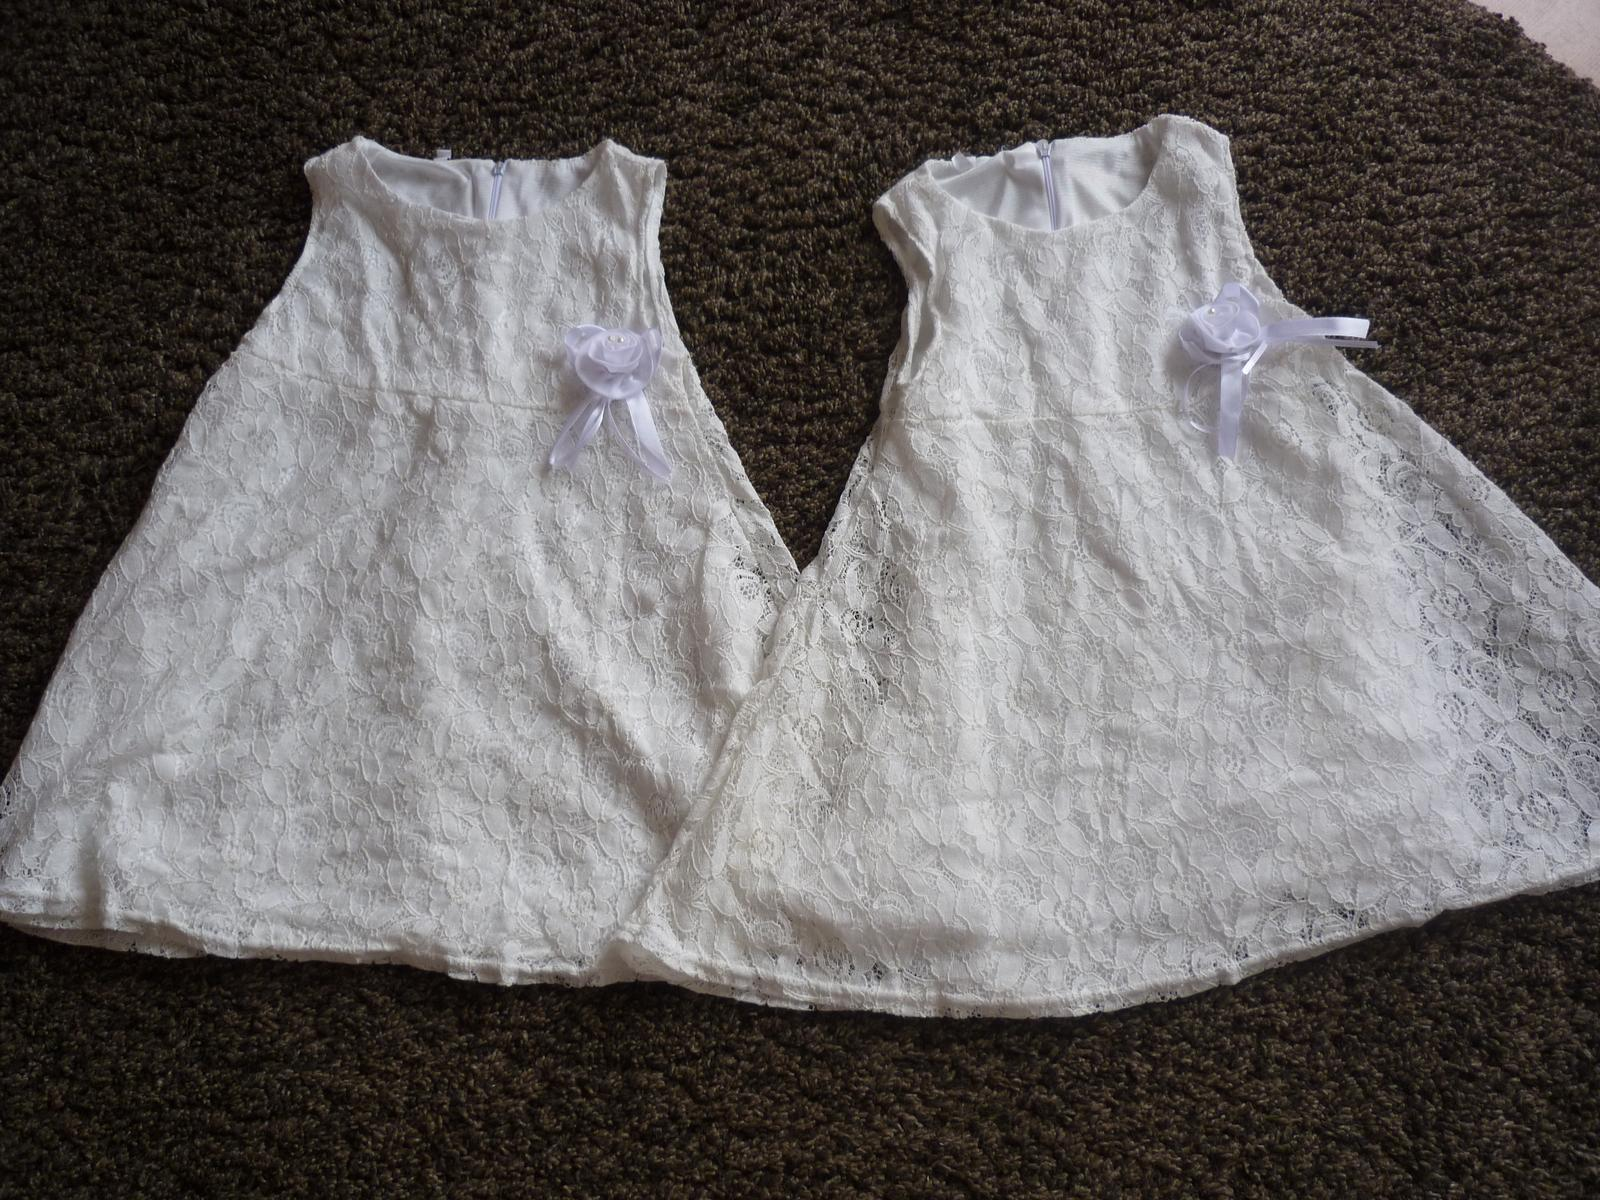 krajkové šaty pro družičky vel. 3-4 roky - Obrázek č. 1